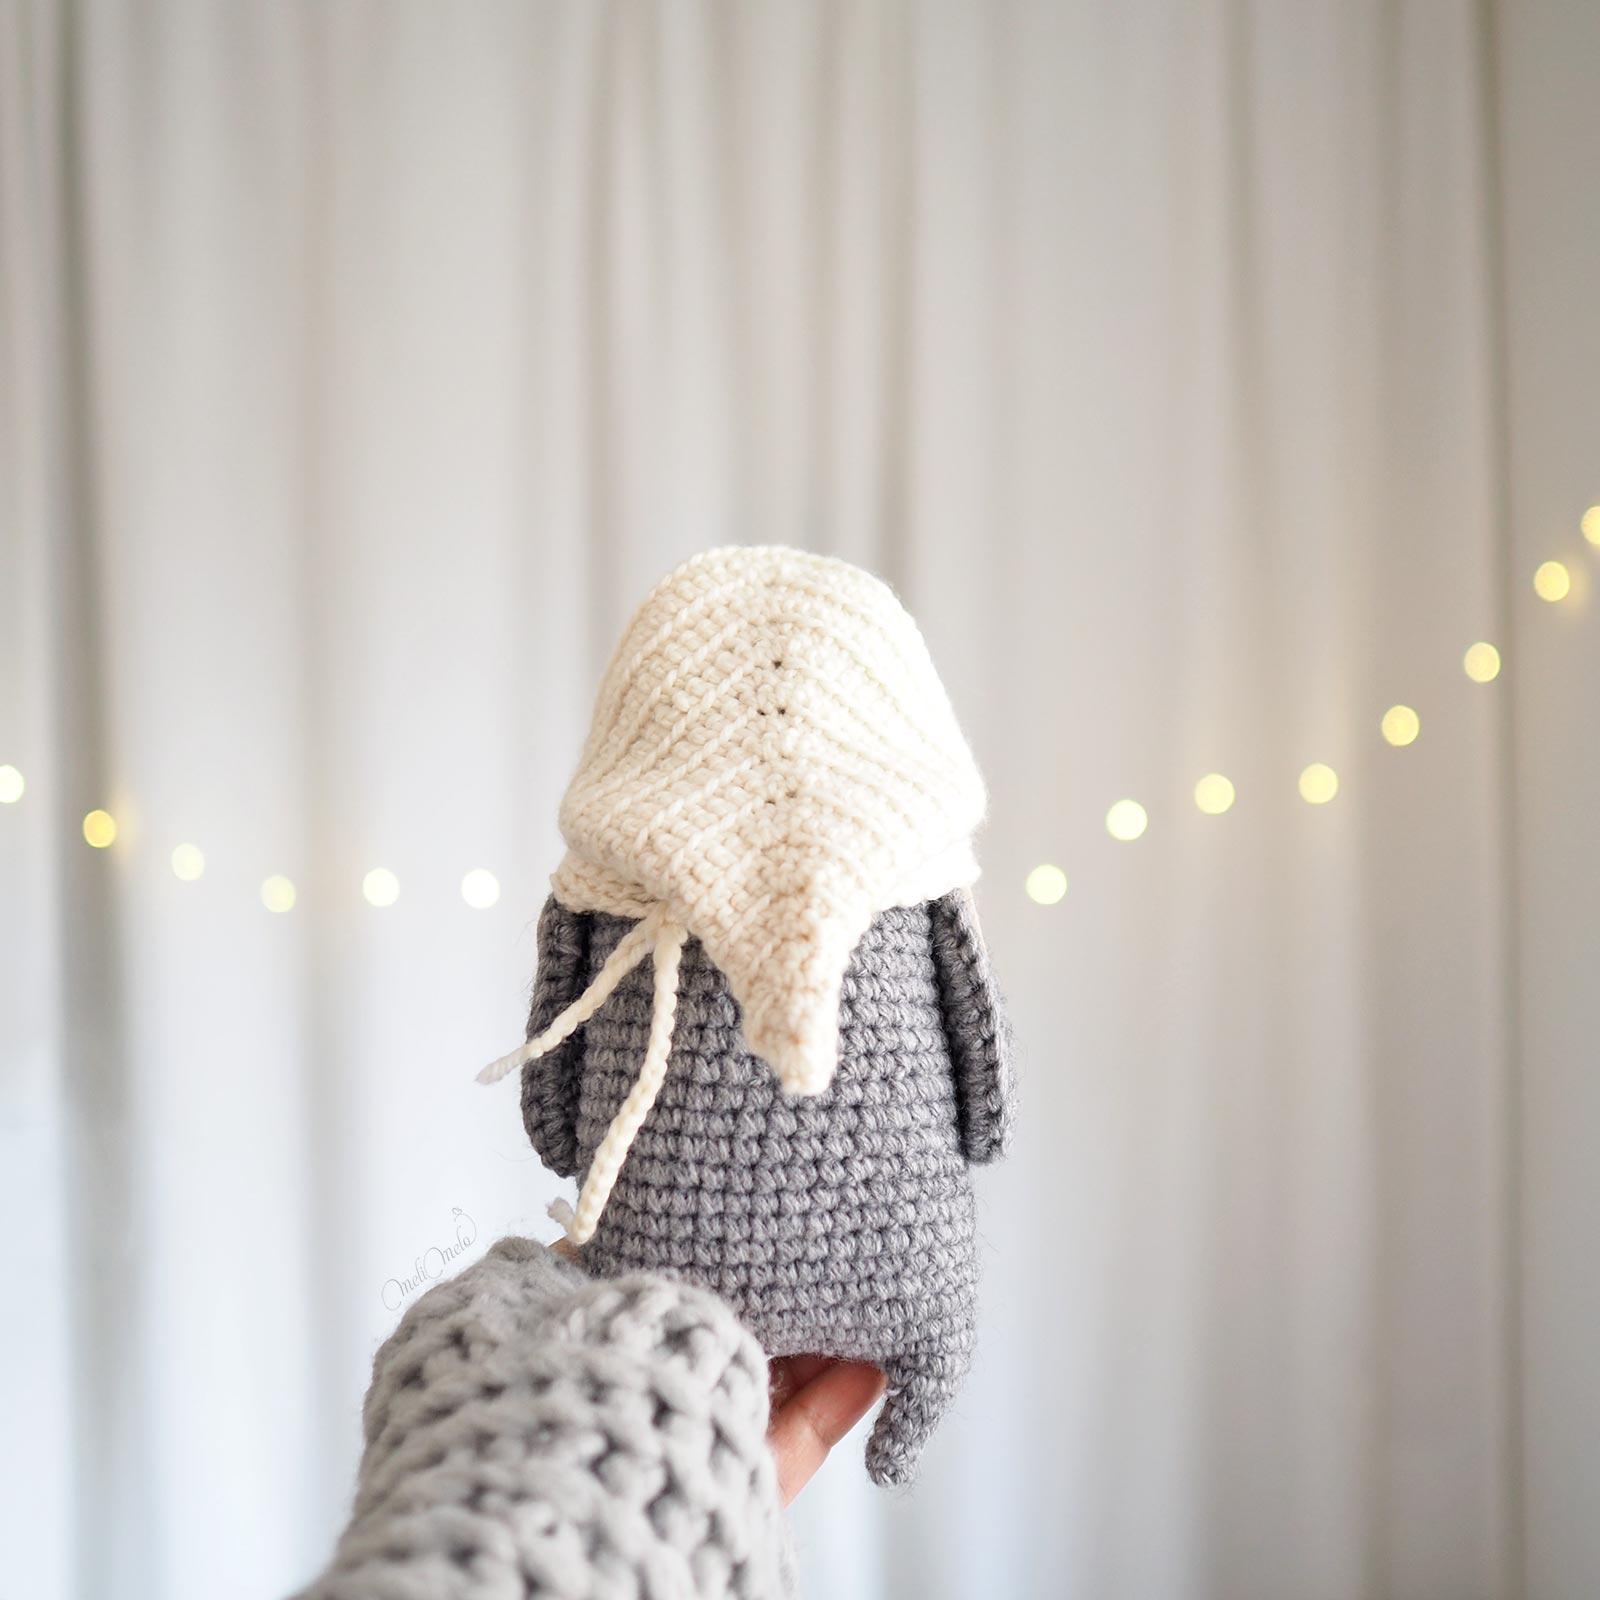 chouette lutine de dos au crochet capuche laine little owlet owl laboutiquedemelimelo